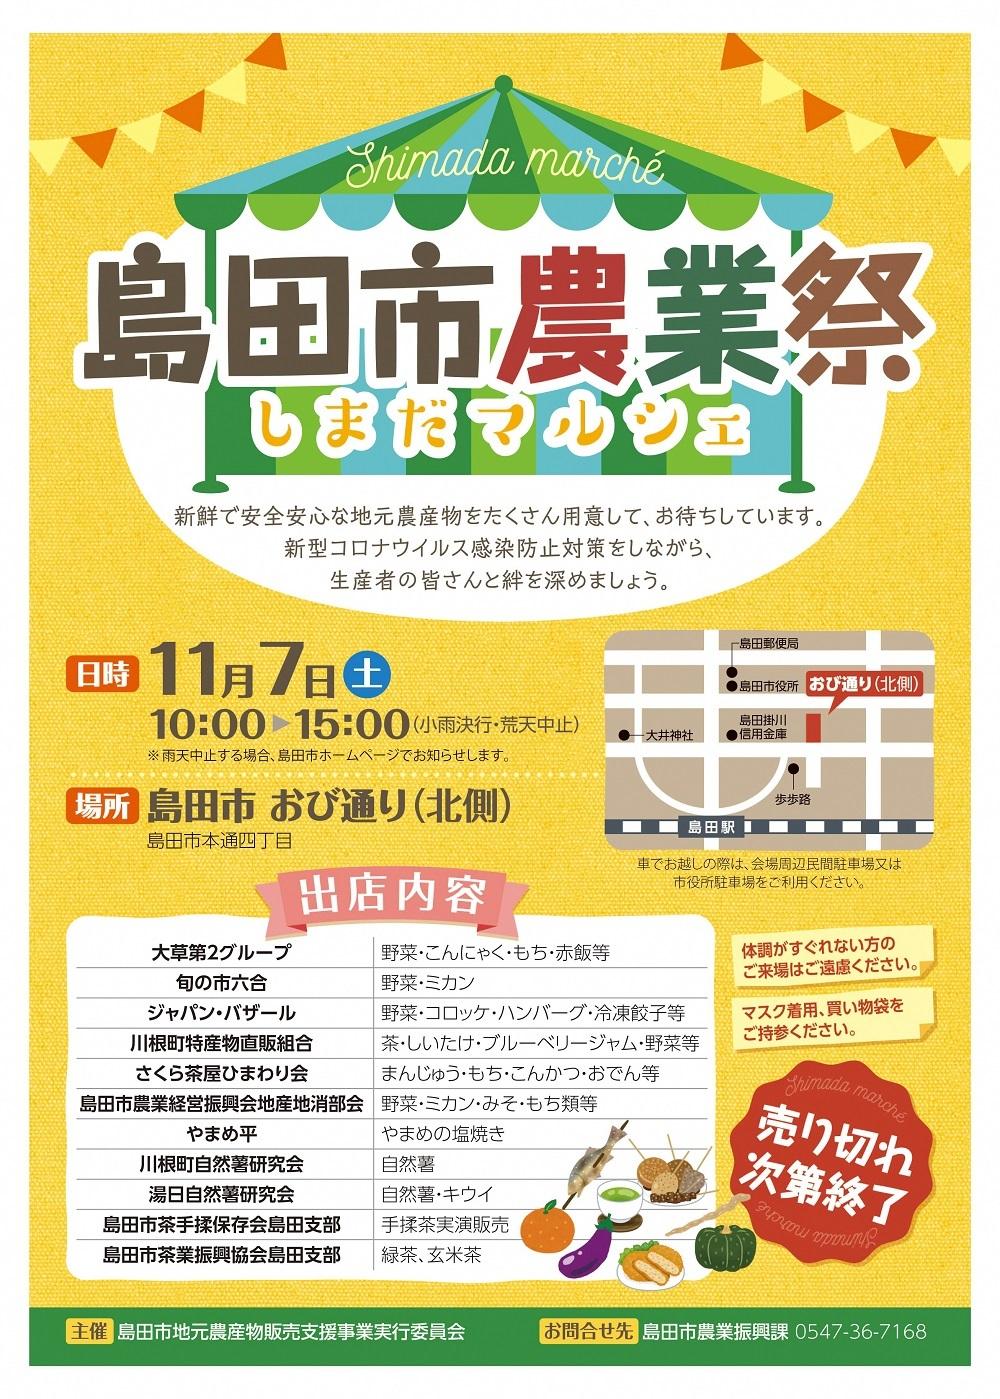 島田市農業祭(しまだマルシェ)開催